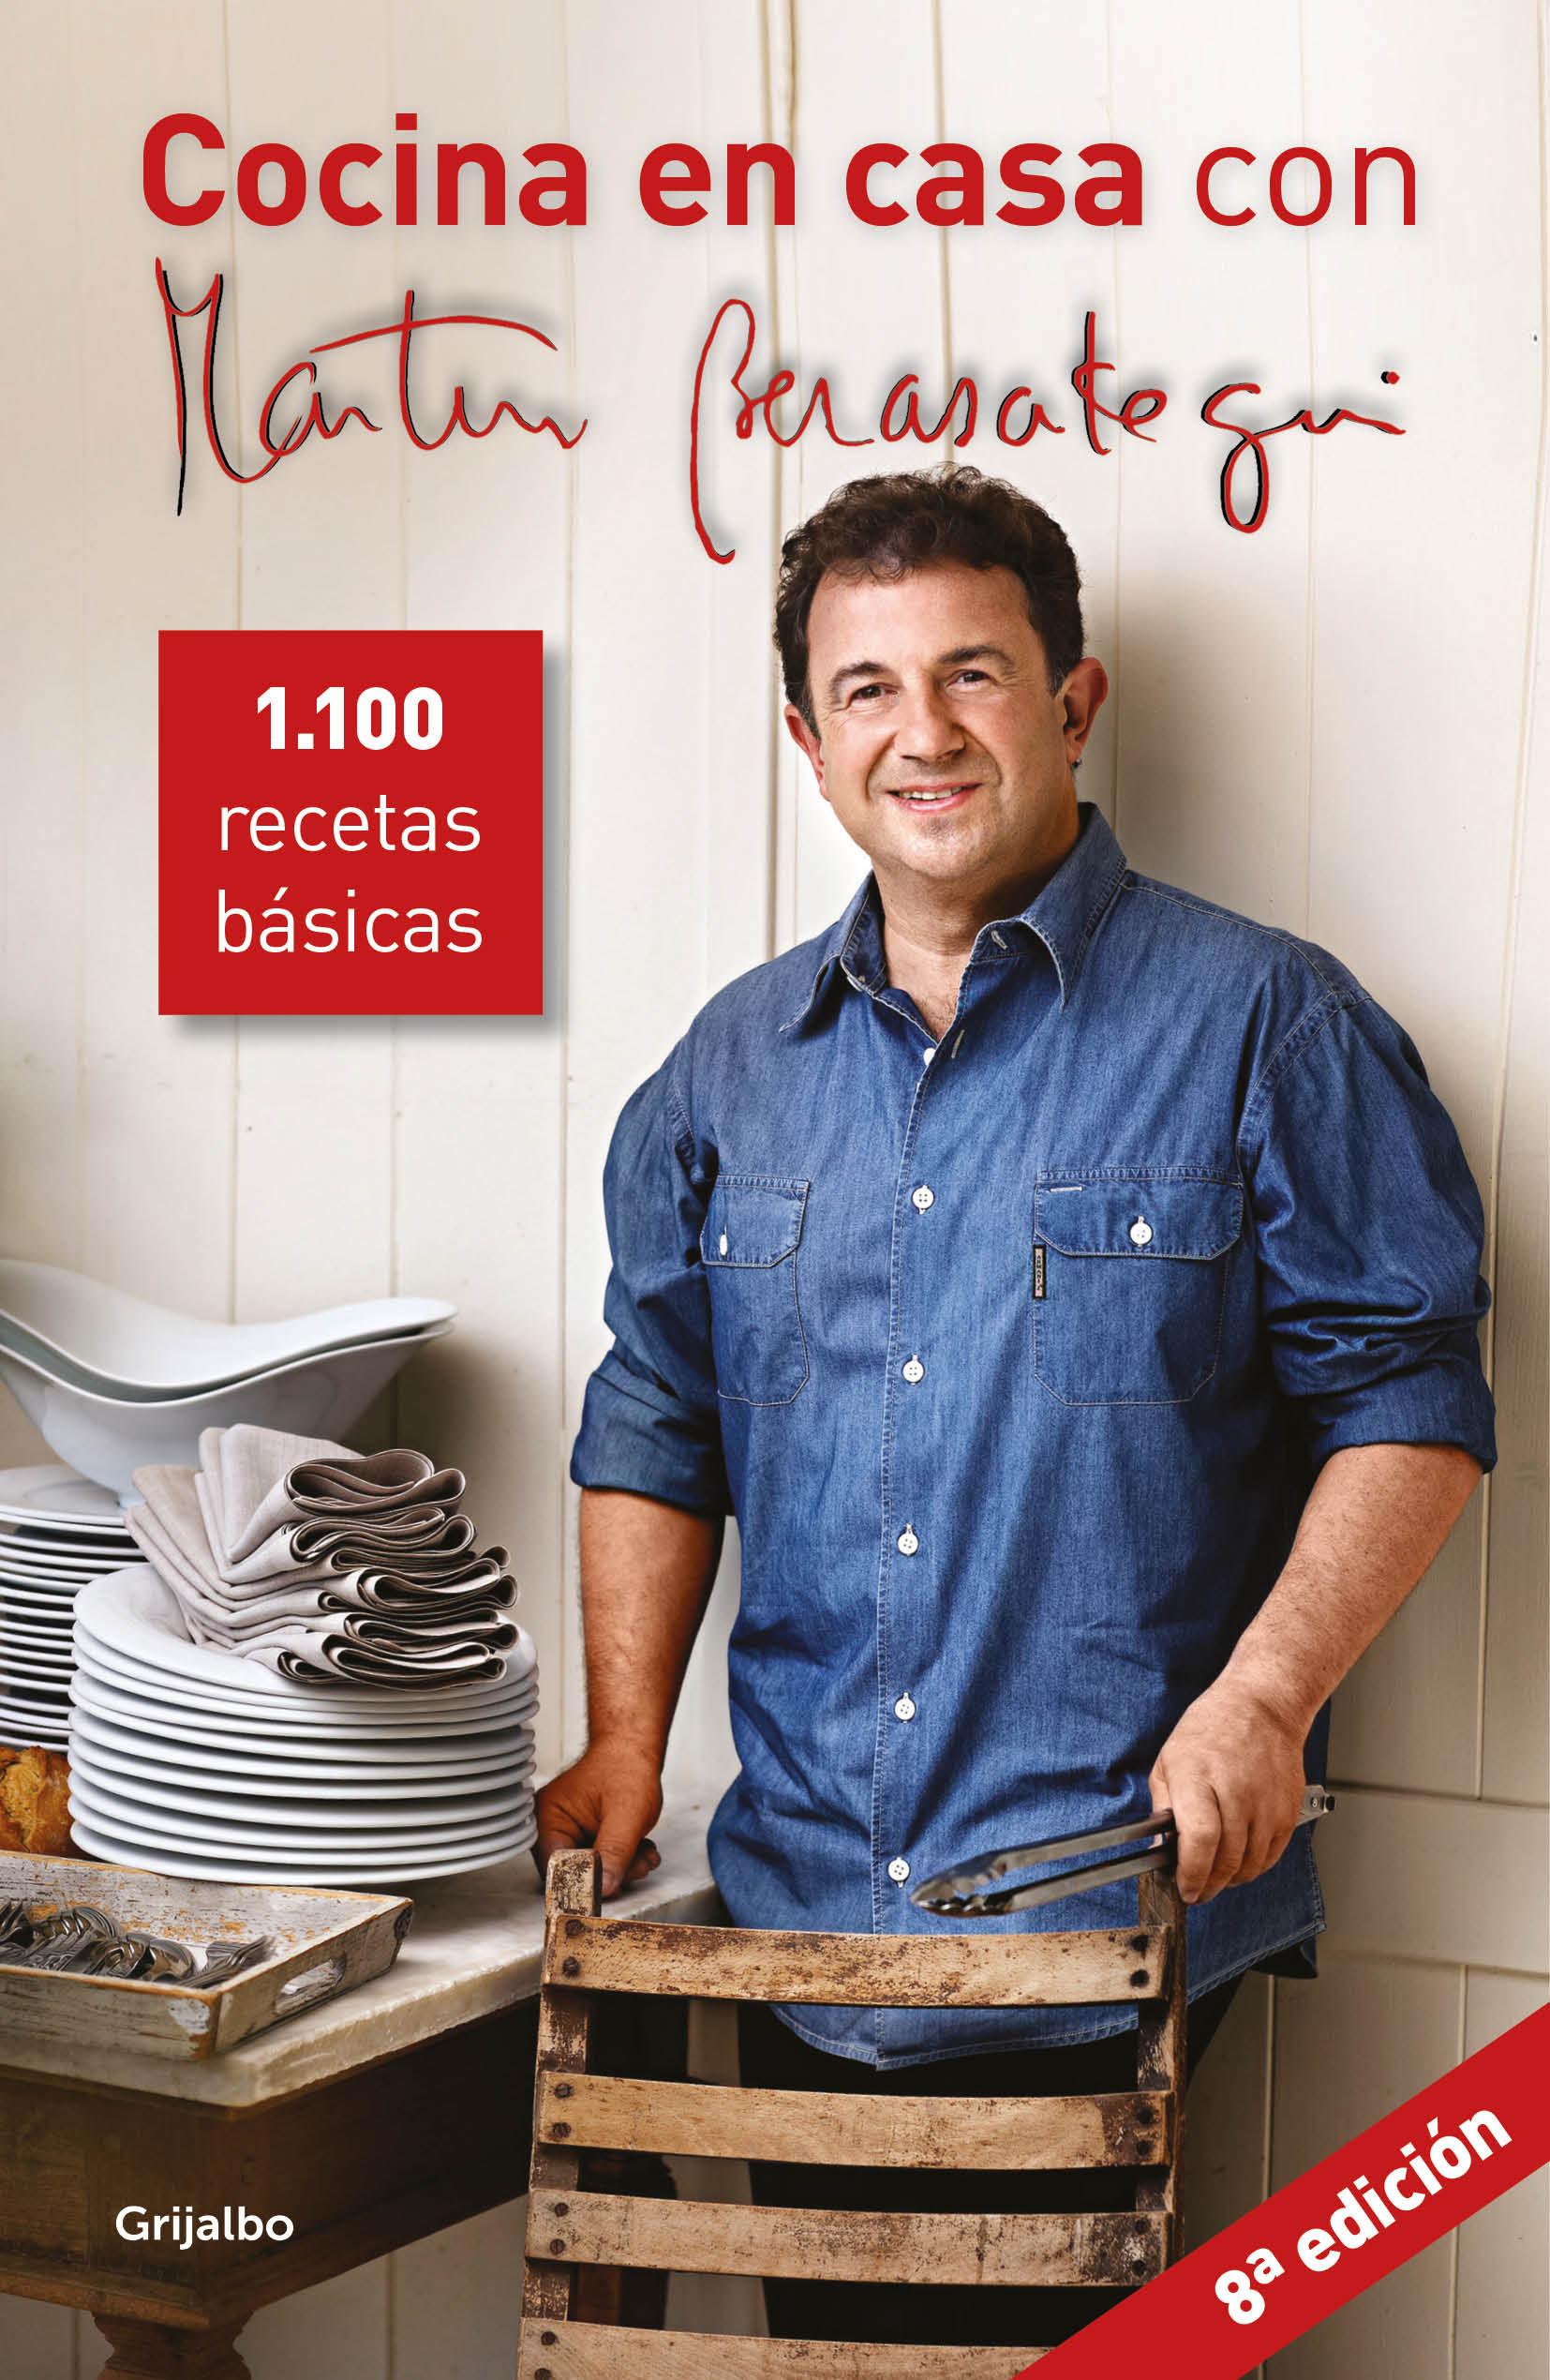 Cocina en casa con Martín Berasategui   «1100 recetas básicas»